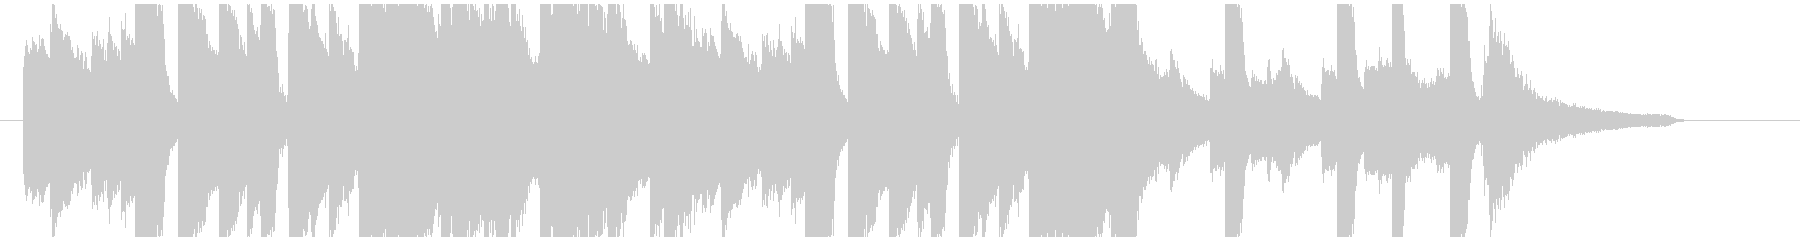 優しい雰囲気のピアノメインのBGMの未再生の波形